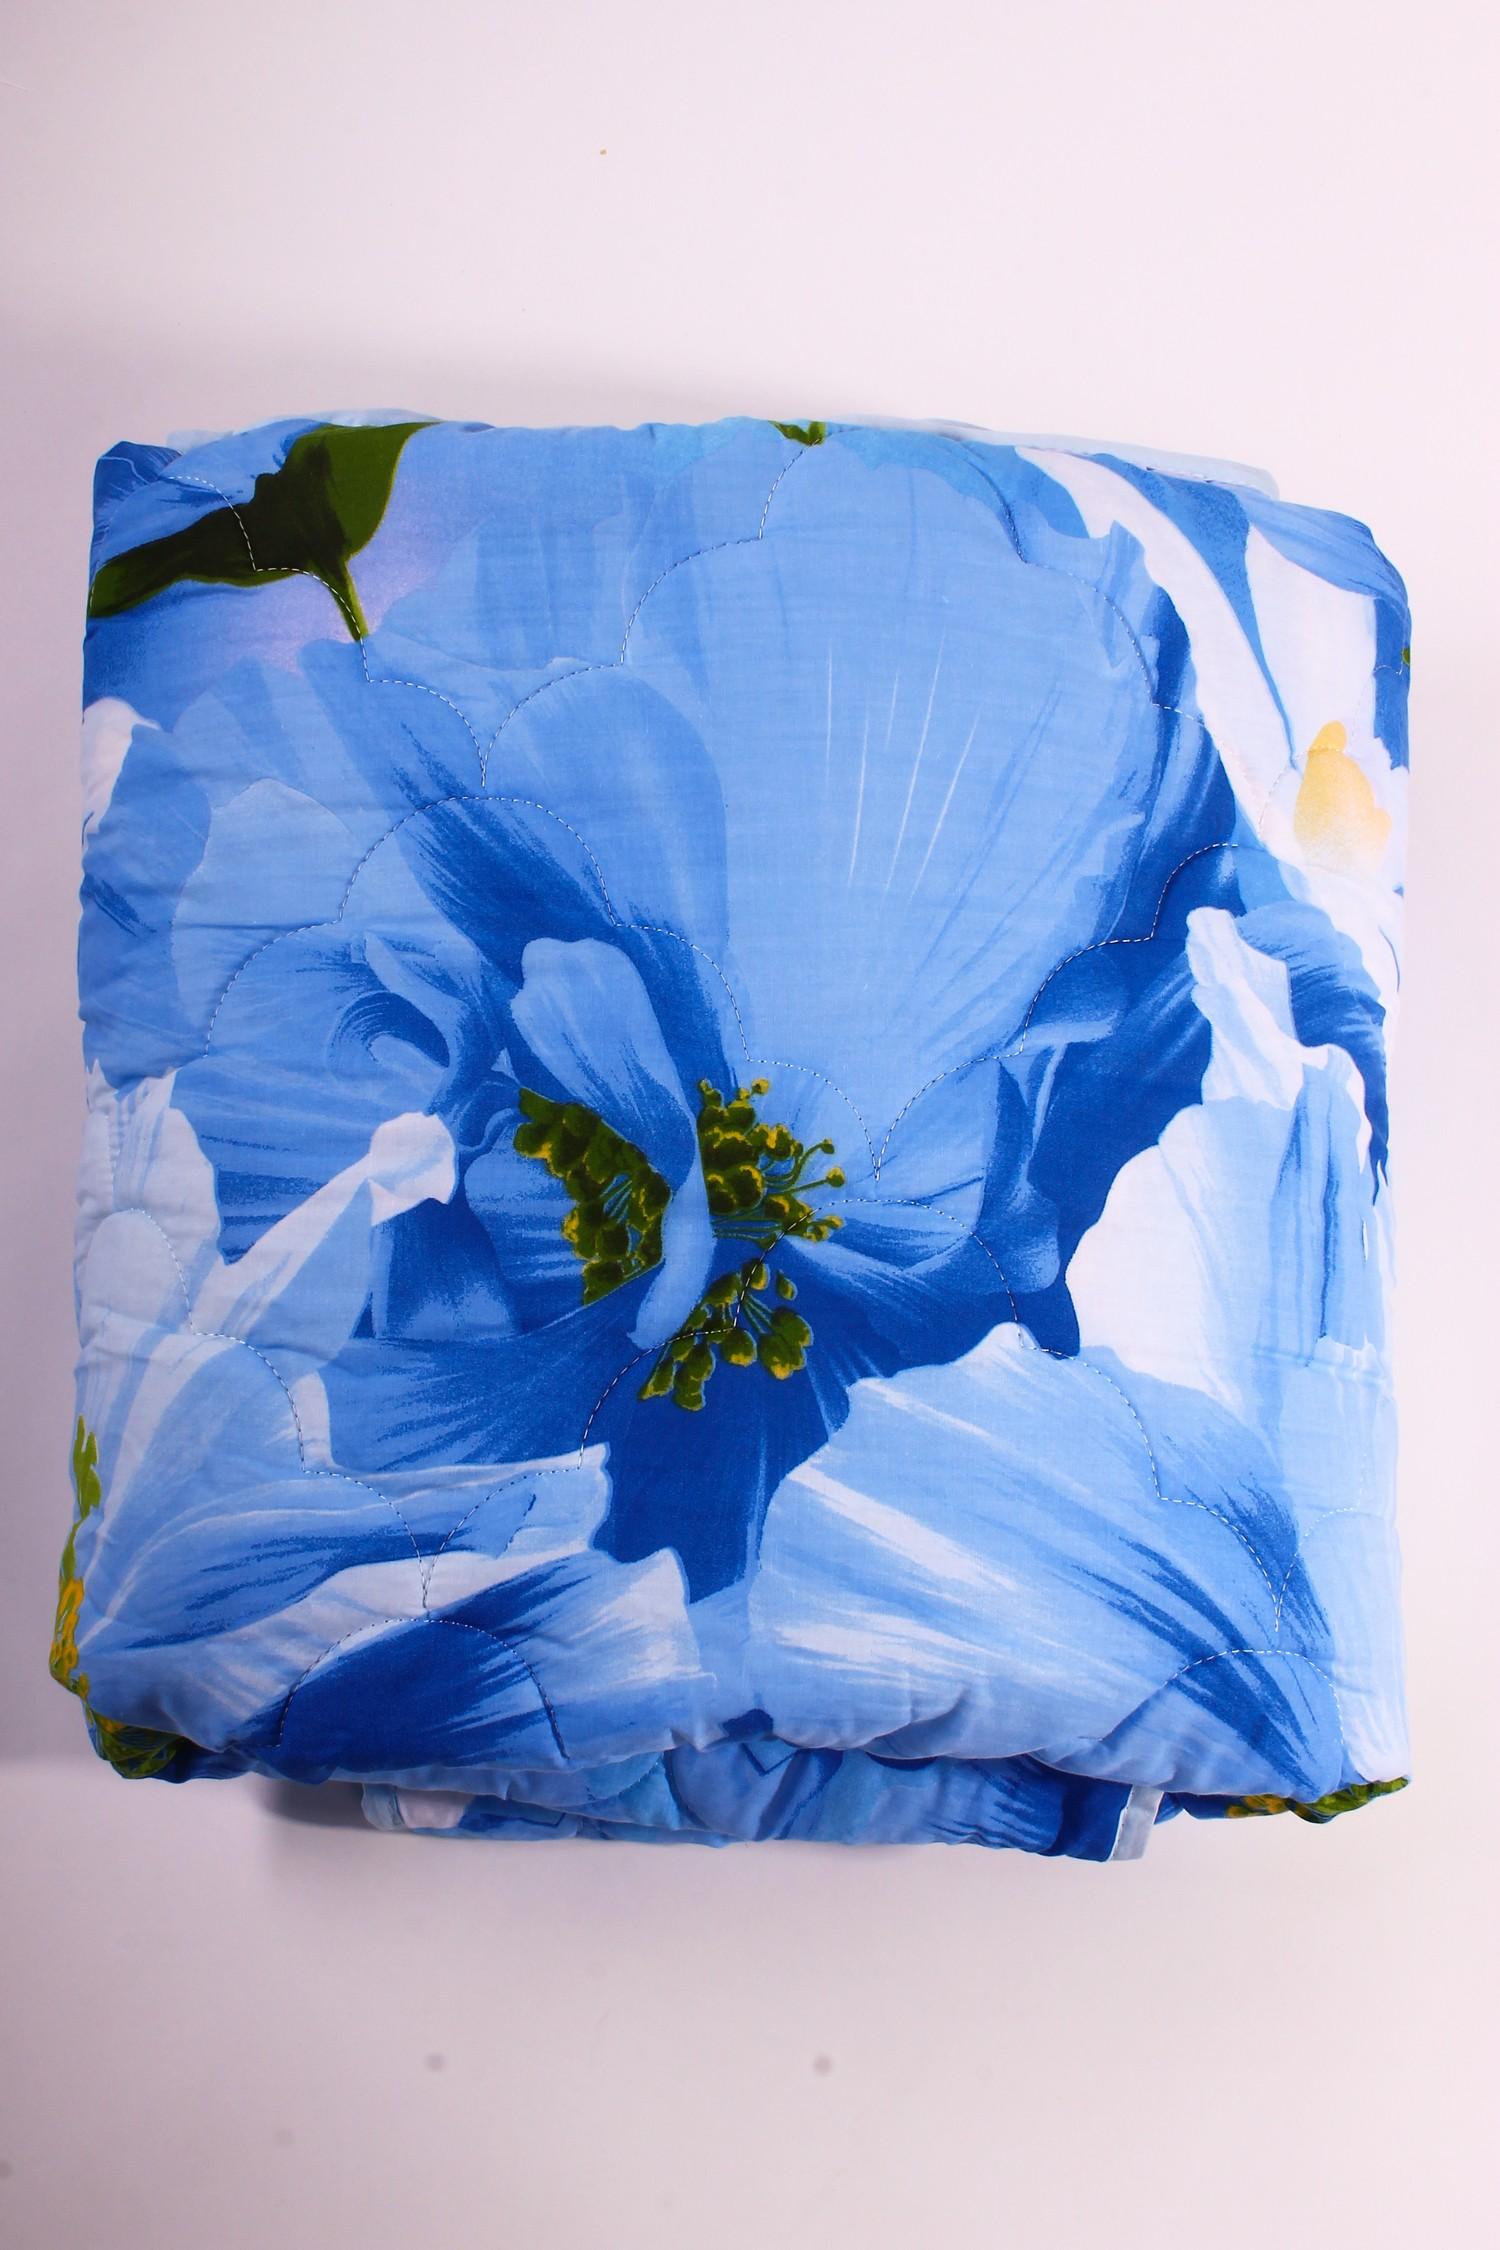 ОдеялоОдеяла и наматрасники<br>Бамбуковое волокно обладает хорошими вентиляционными свойствами, поэтому спать под такими одеялами одно удовольствие. Благодаря натуральным смолам, присутствующим в составе бамбукового наполнителя, вы будете избавлены от пыли и неприятного запаха, которые имеют свойство накапливаться в обычных одеялах.  Размеры:  Одеяло полутораспальное - 140х205 см. Одеяло двуспальное - 172х205 см. Одеяло Евро - 200х220 см.  Допускается расхождение в размере ± 2 см<br><br>По материалу: Бамбук<br>По размеру: Полутороспальные<br>По рисунку: Растительные мотивы,Цветные,Цветочные<br>Размер : 1,5<br>Материал: Поплин<br>Количество в наличии: 1